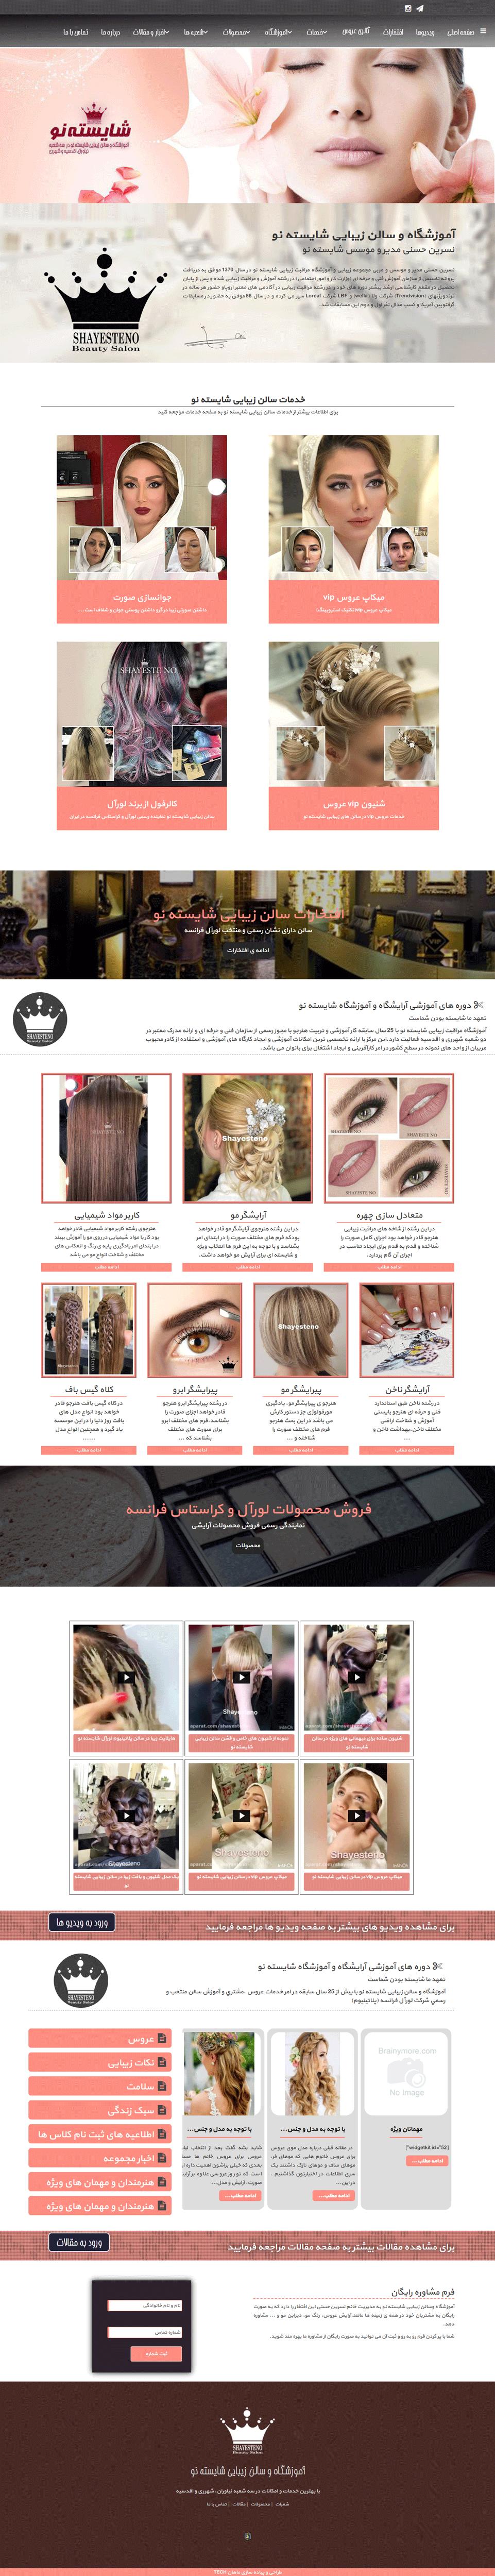 طراحی سایت شایسته نو